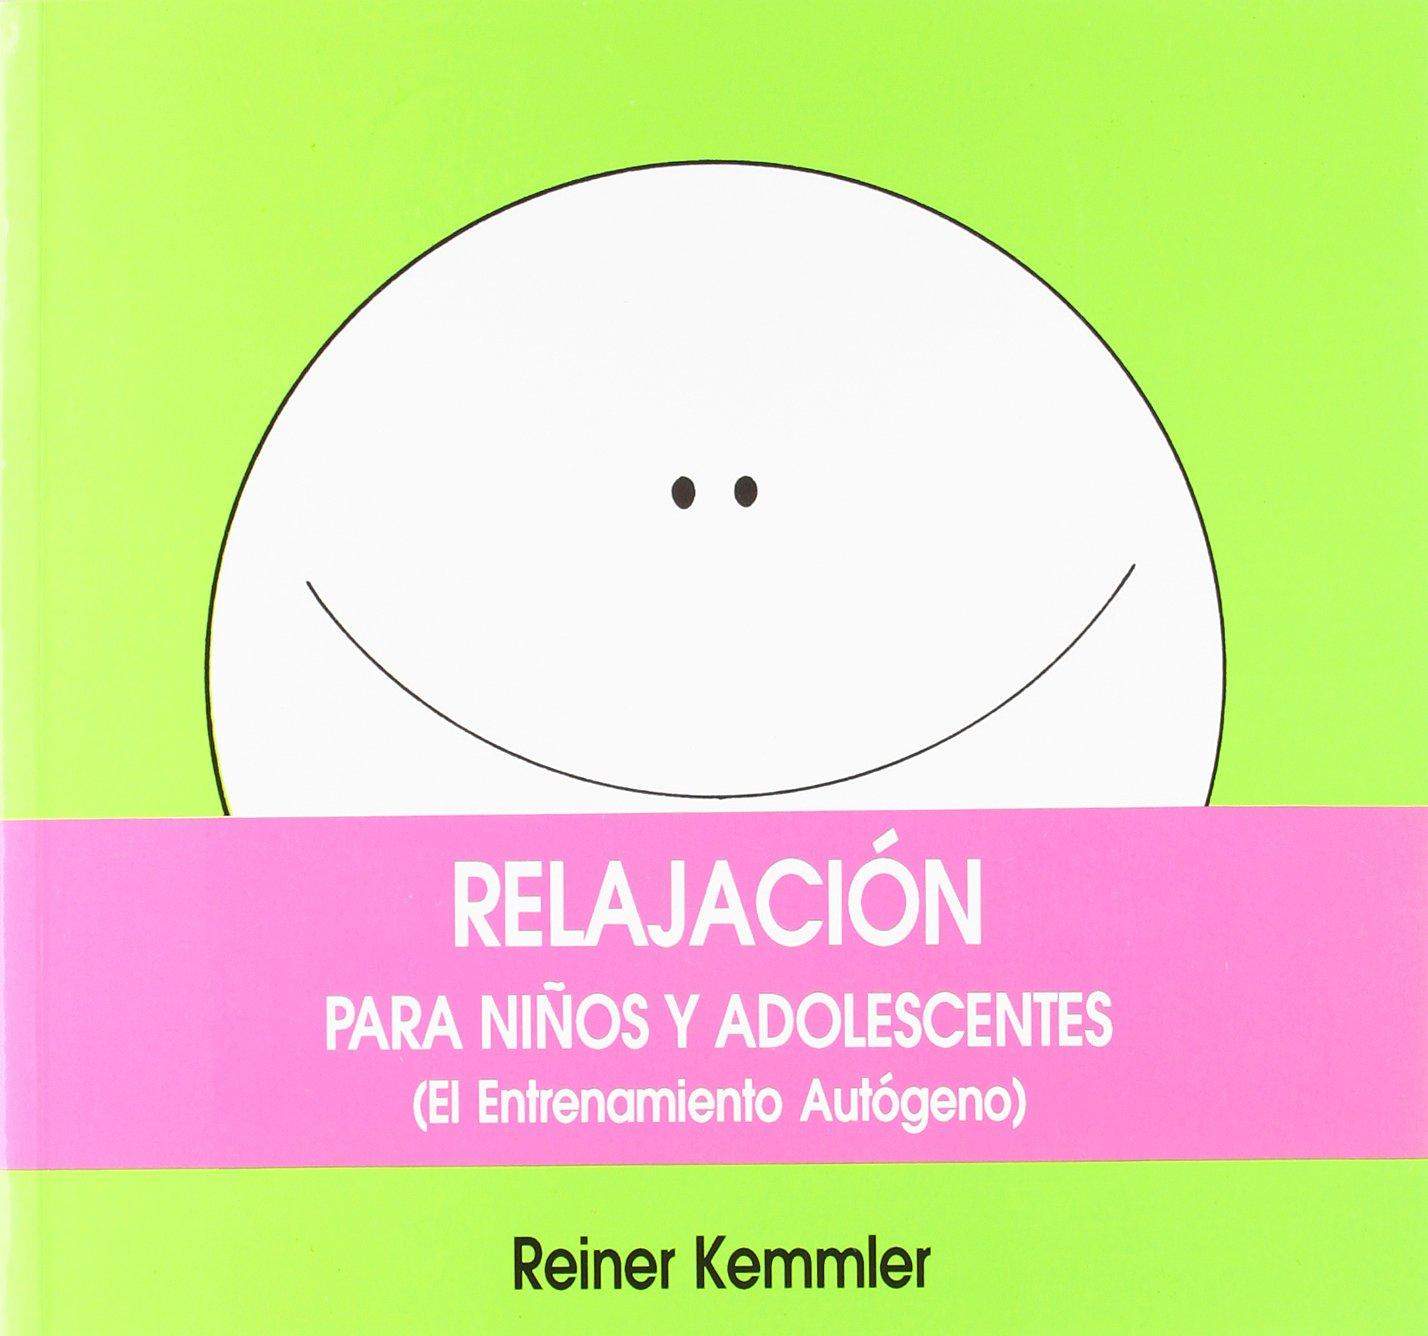 EL ENTRENAMIENTO AUTÓGENO: Relajación para niños y adolescentes Tapa blanda – 15 may 2009 Reiner Kemmler J. Manuel Vilanova Ingrir Böller TEA Ediciones